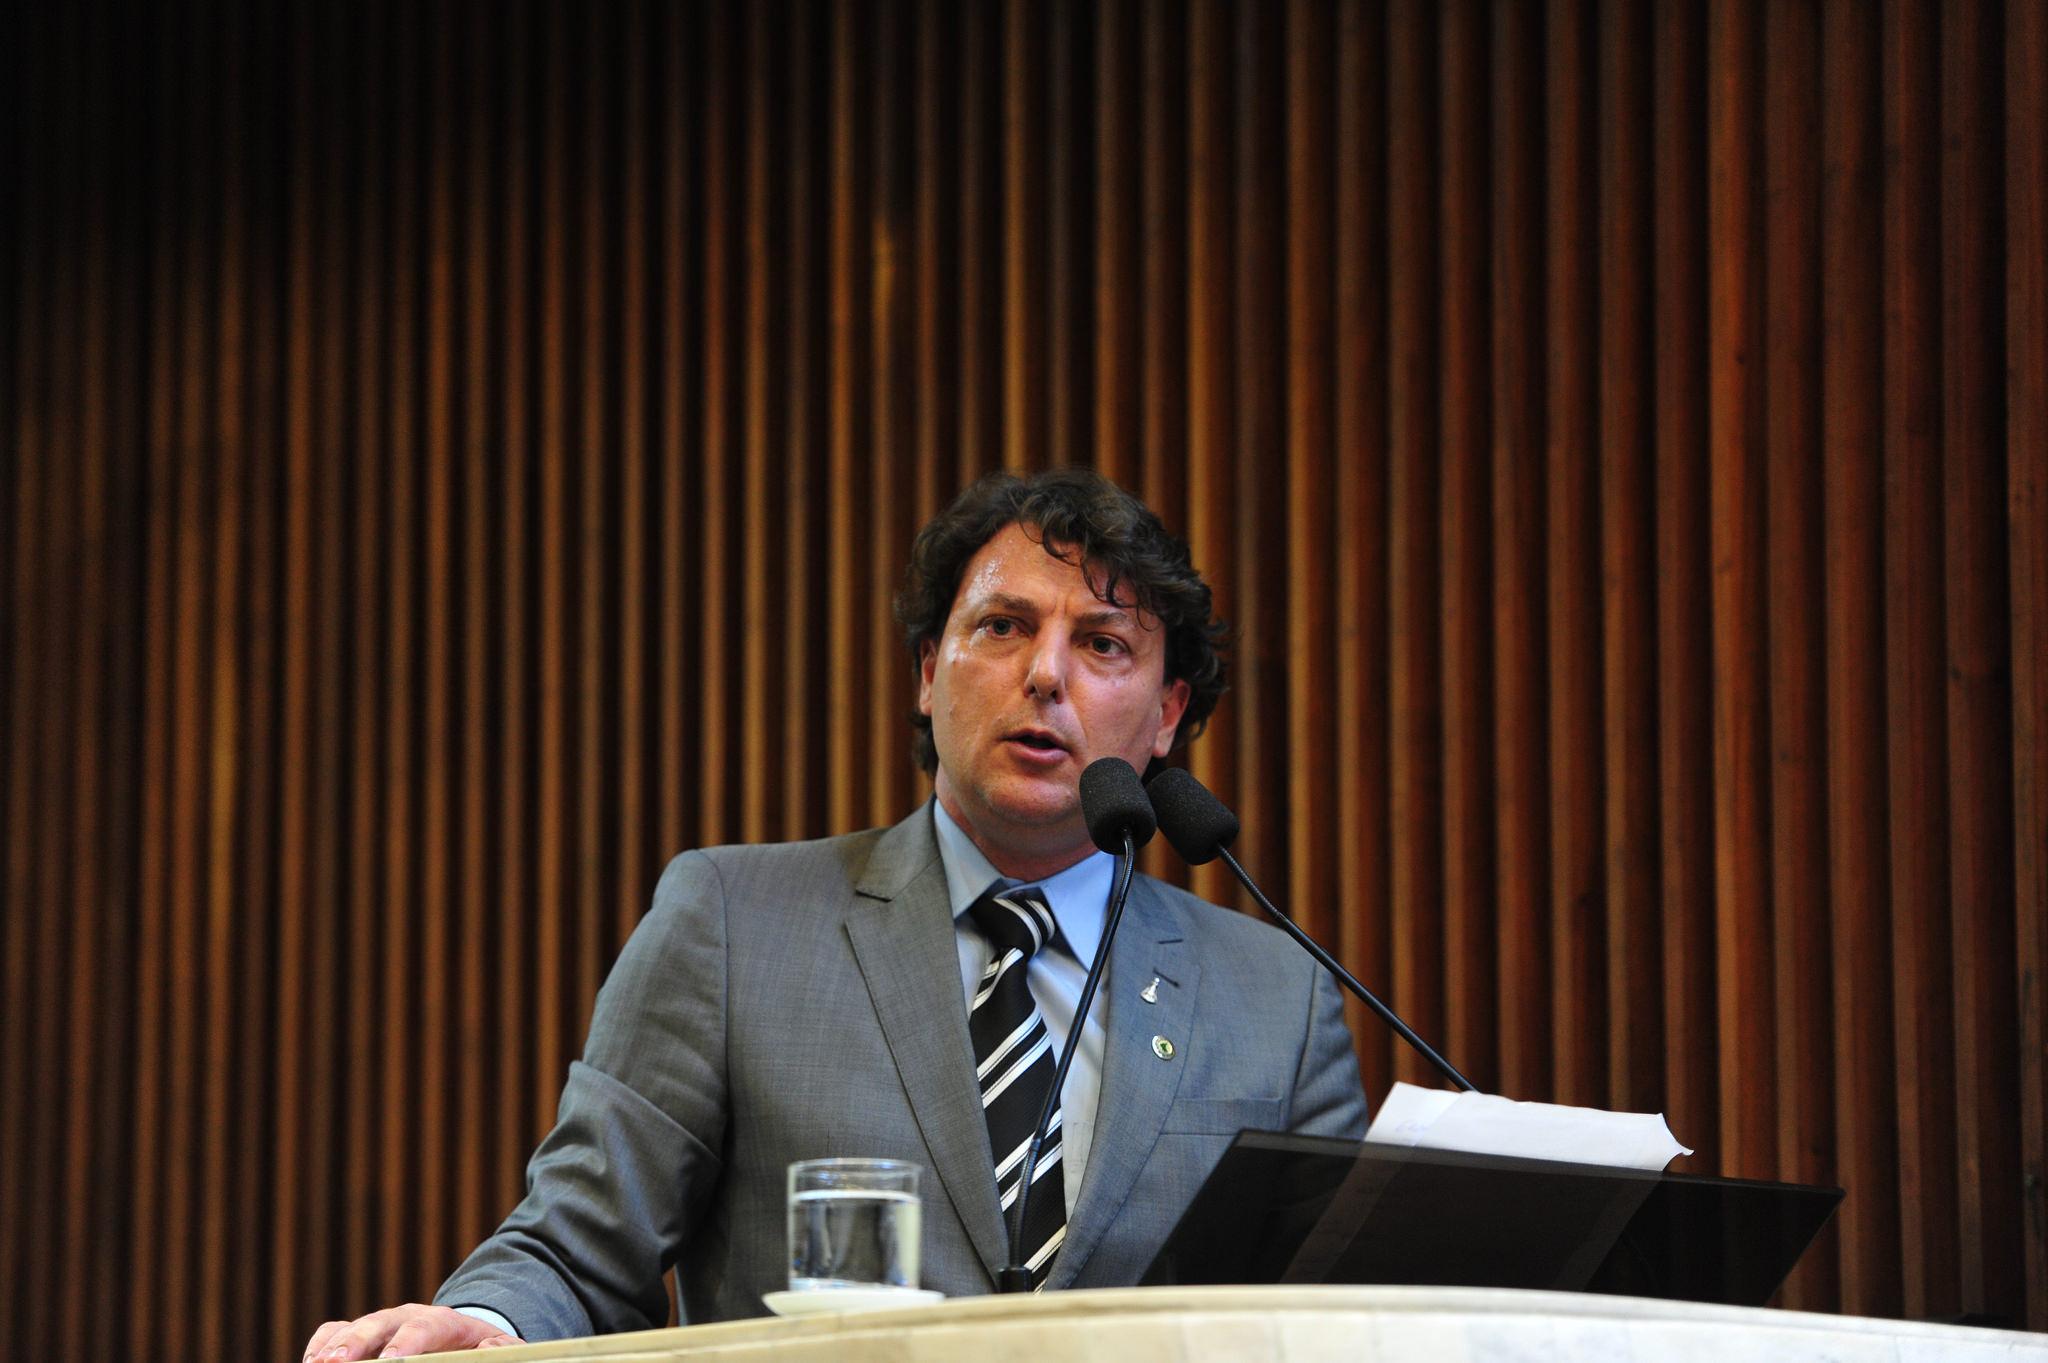 Pedro Parente fora da Petrobras, já pedia o deputado Anibelli Neto.